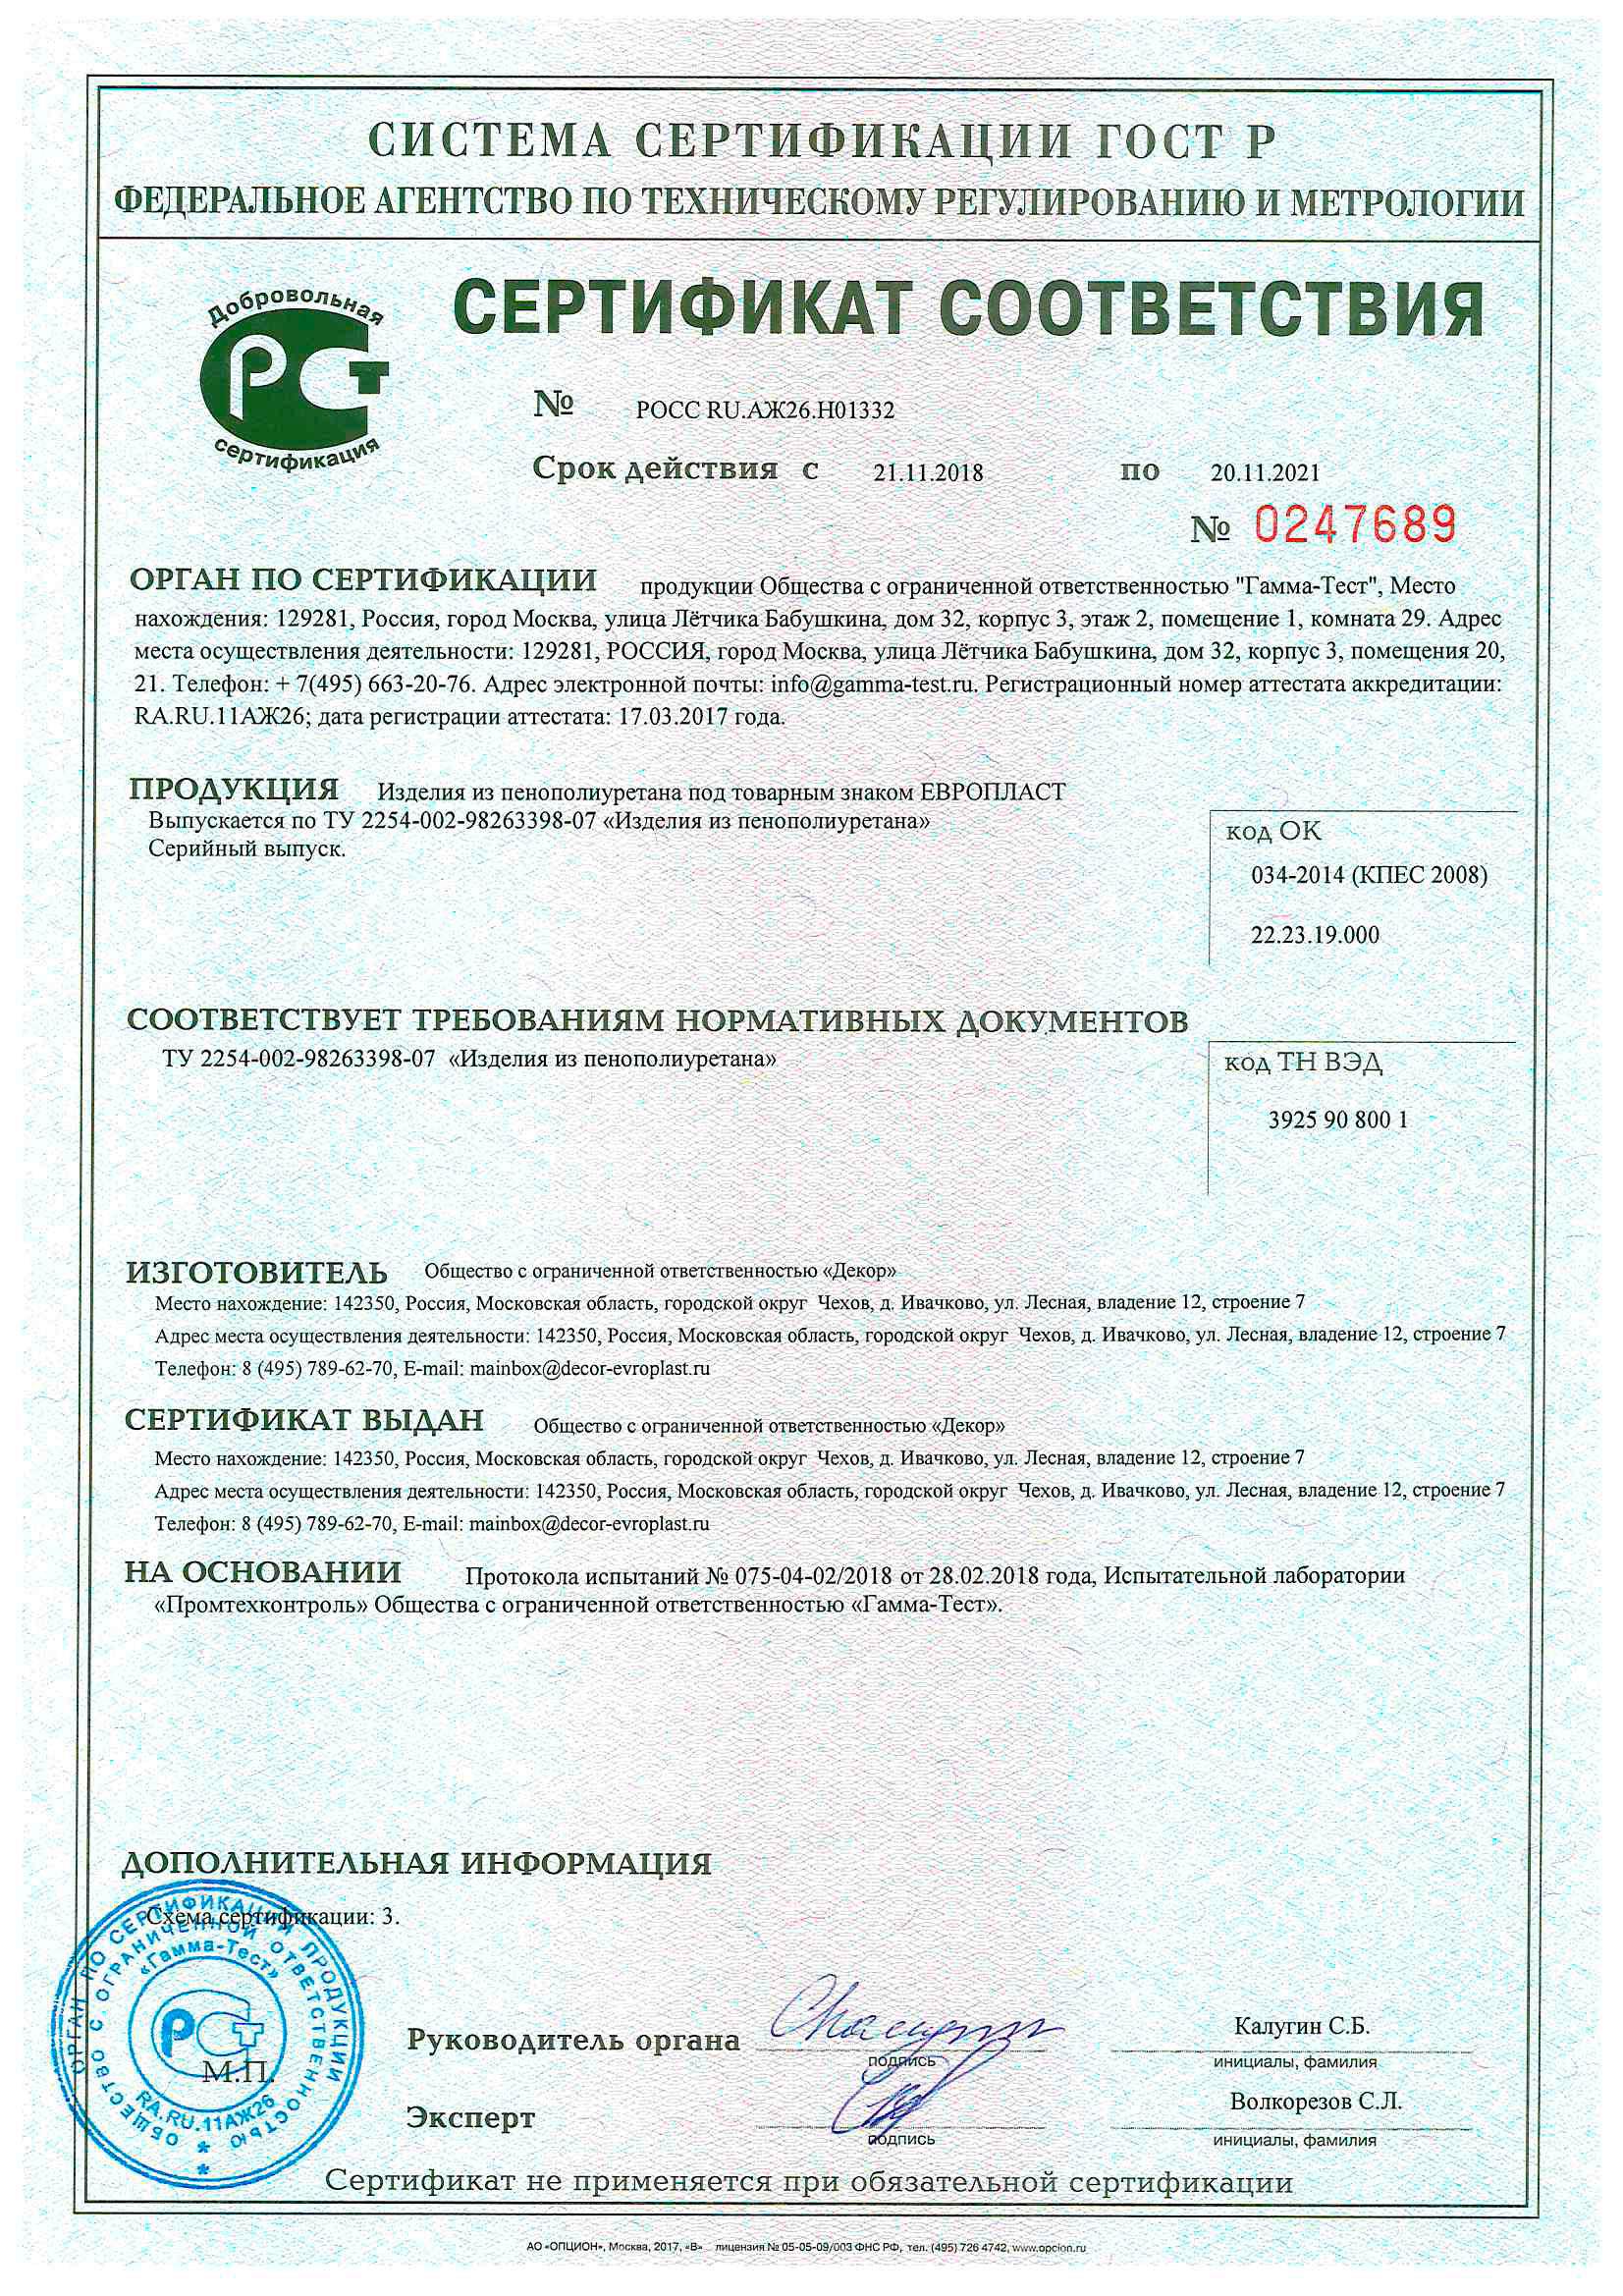 Сертификат соответствия. Подтверждает, что изделия из пенополиуретана по товарным знаком ЕВРОПЛАСТ соответствуют требованиям ТУ 2254-002-98263398-07